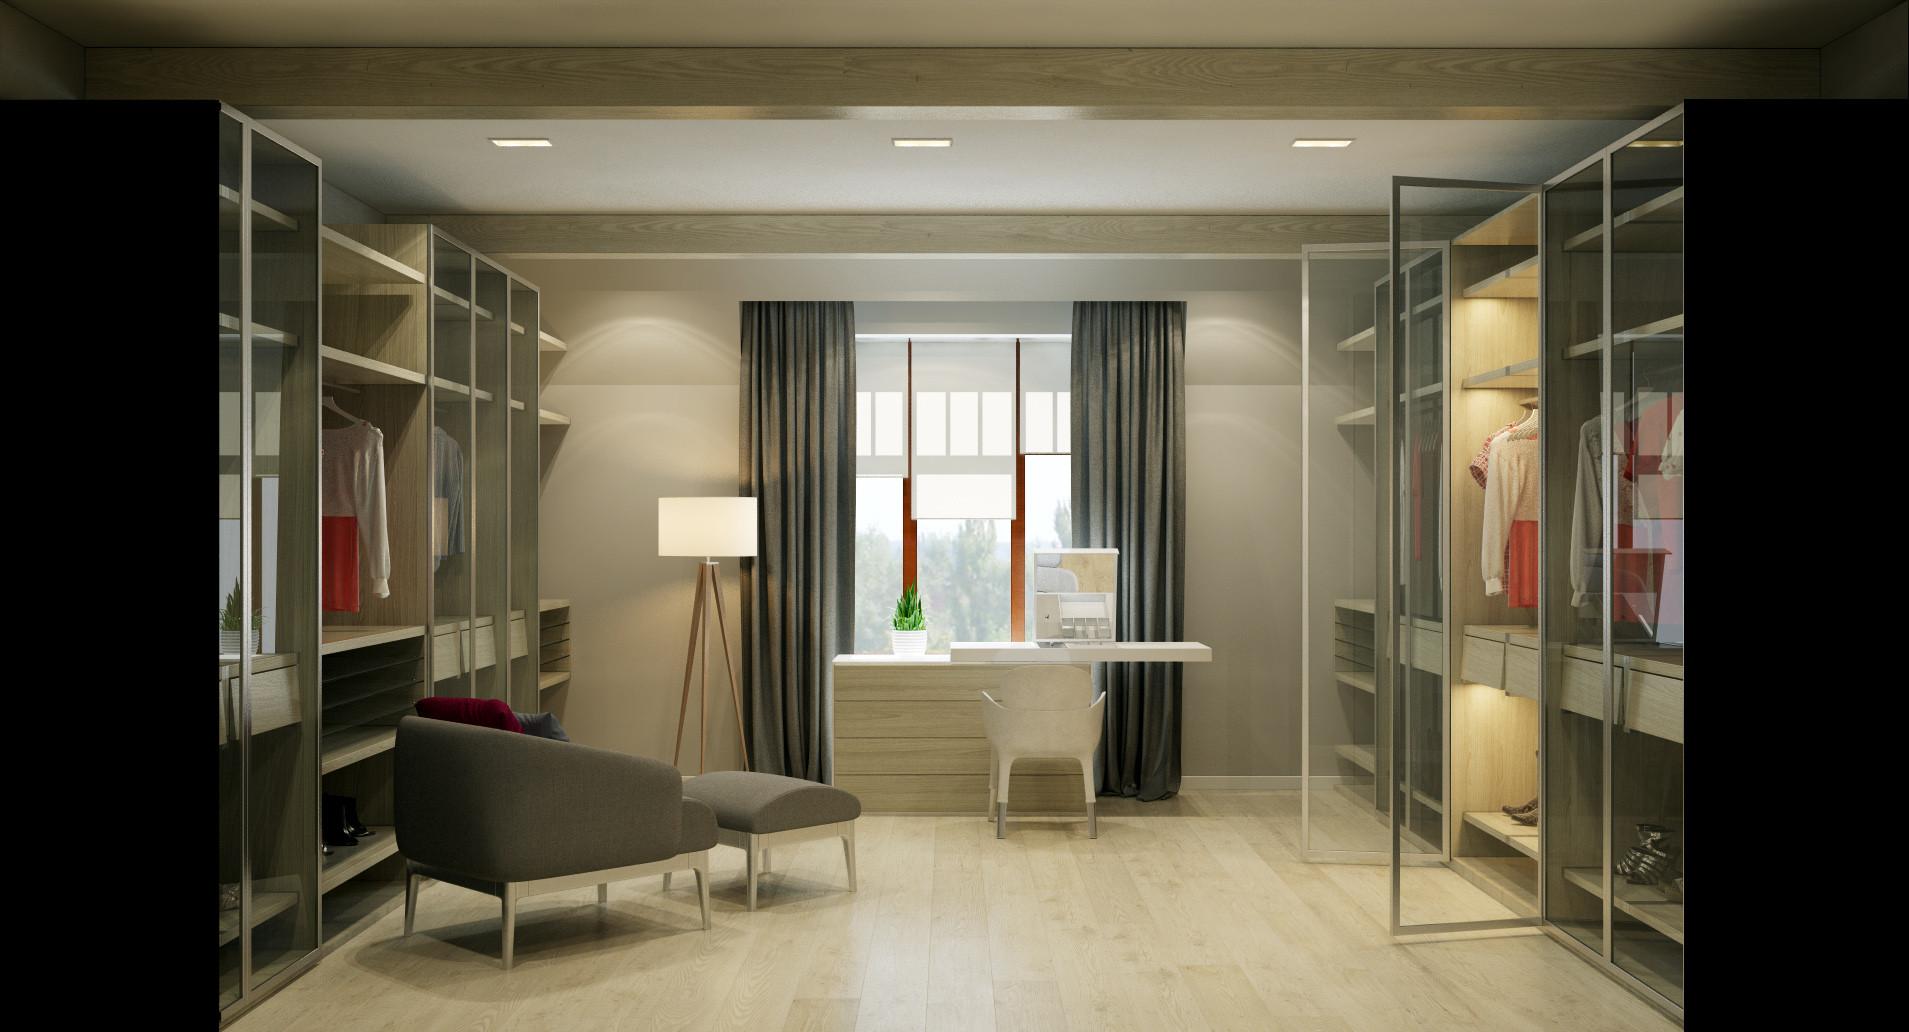 dressing room5.jpg